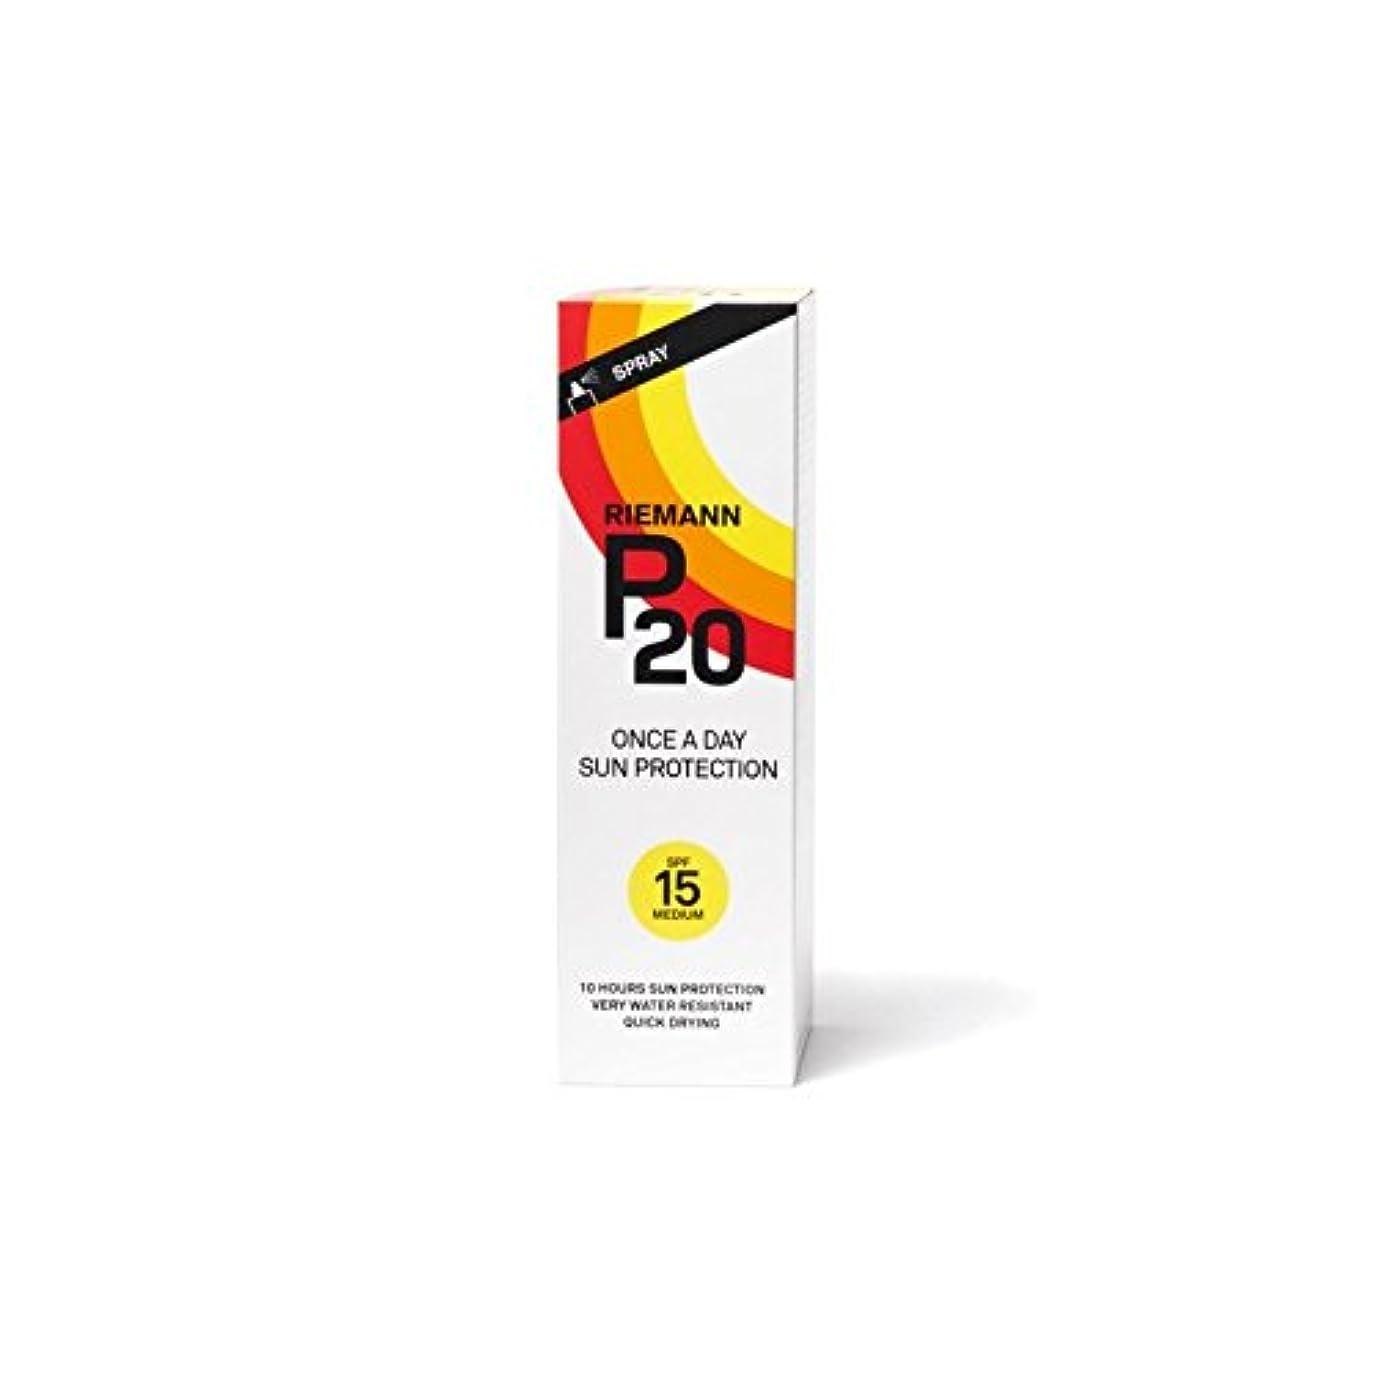 金曜日自動する必要があるRiemann P20 Sun Filter 100ml SPF15 - リーマン20のサンフィルター100ミリリットル15 [並行輸入品]